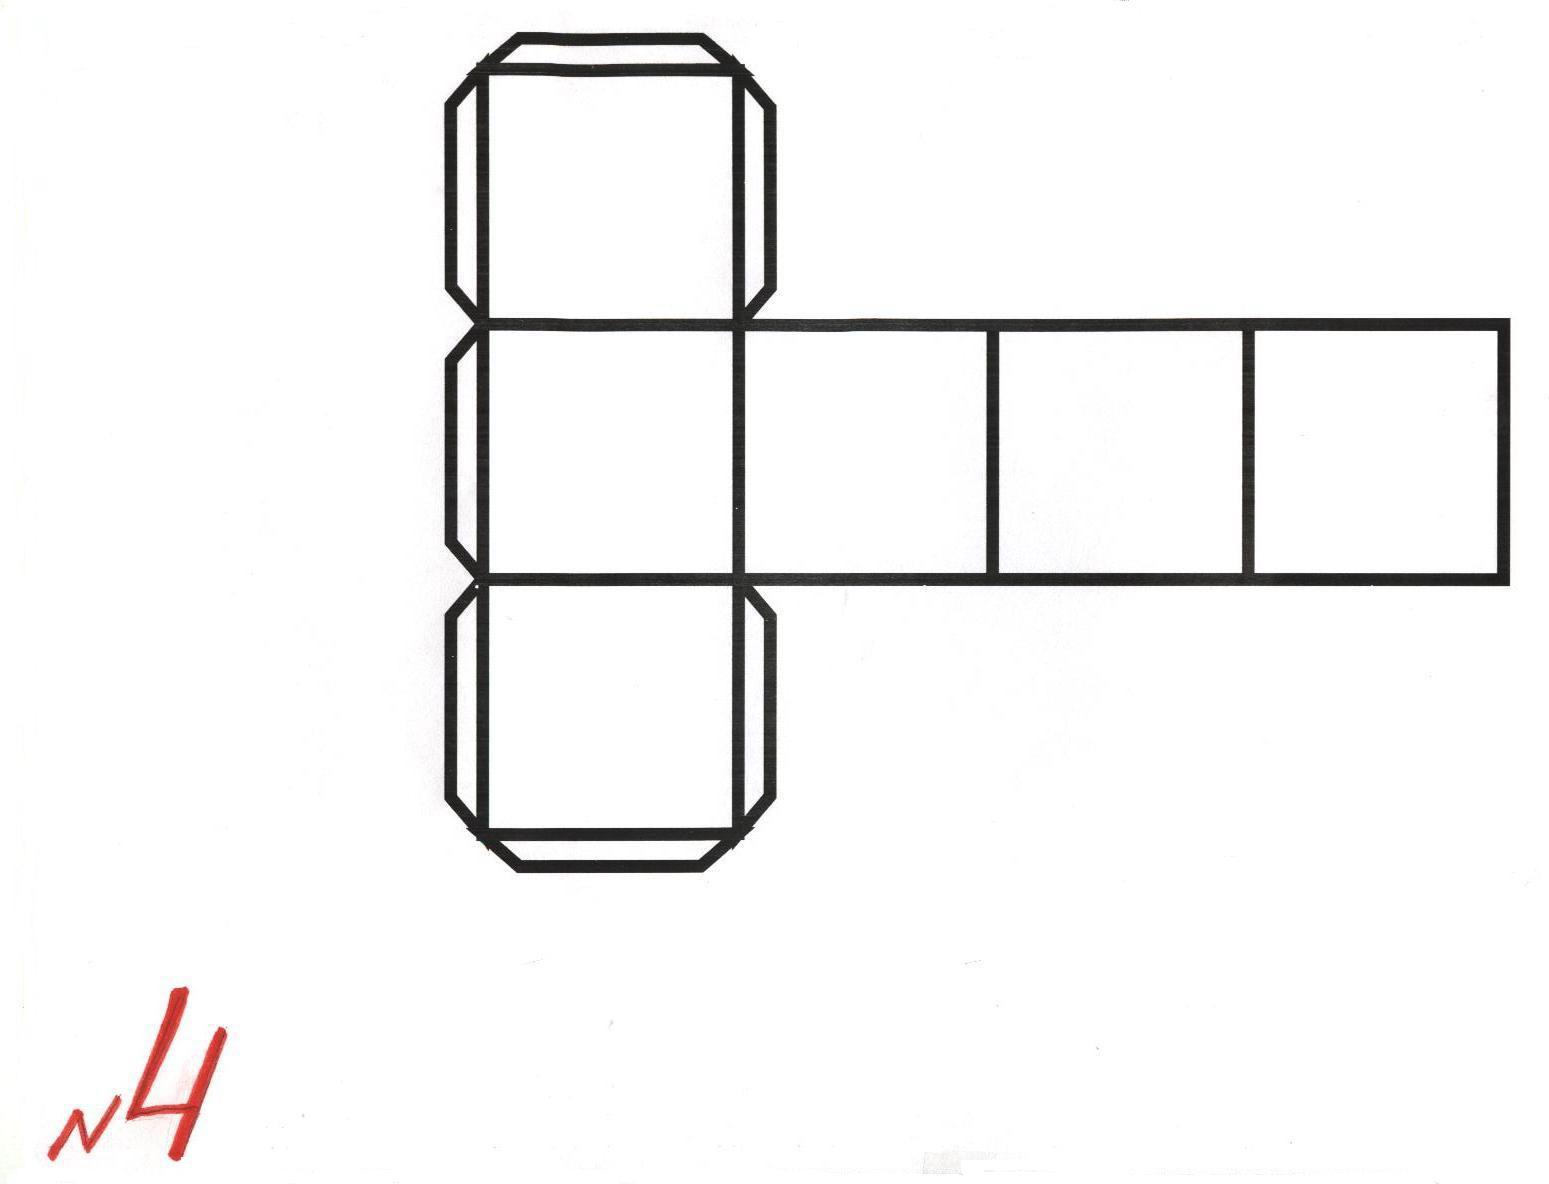 Как сделать объемные фигуры из бумаги своими руками схемы шаблоны 17